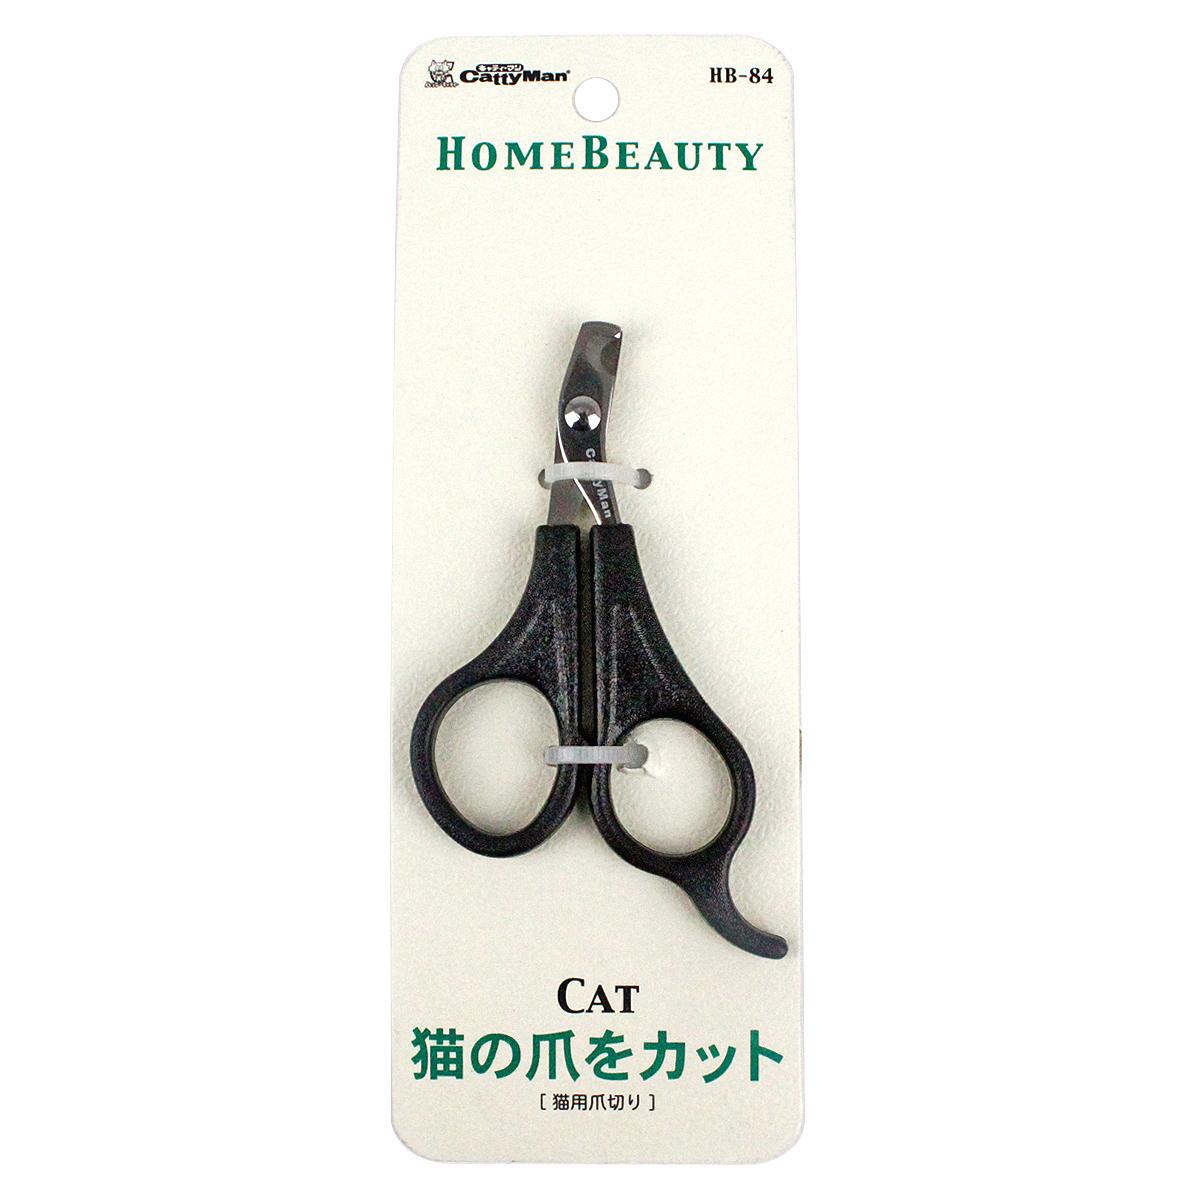 多格漫不鏽鋼貓指甲剪指甲鉗寵物美容清潔用品指甲刀包郵